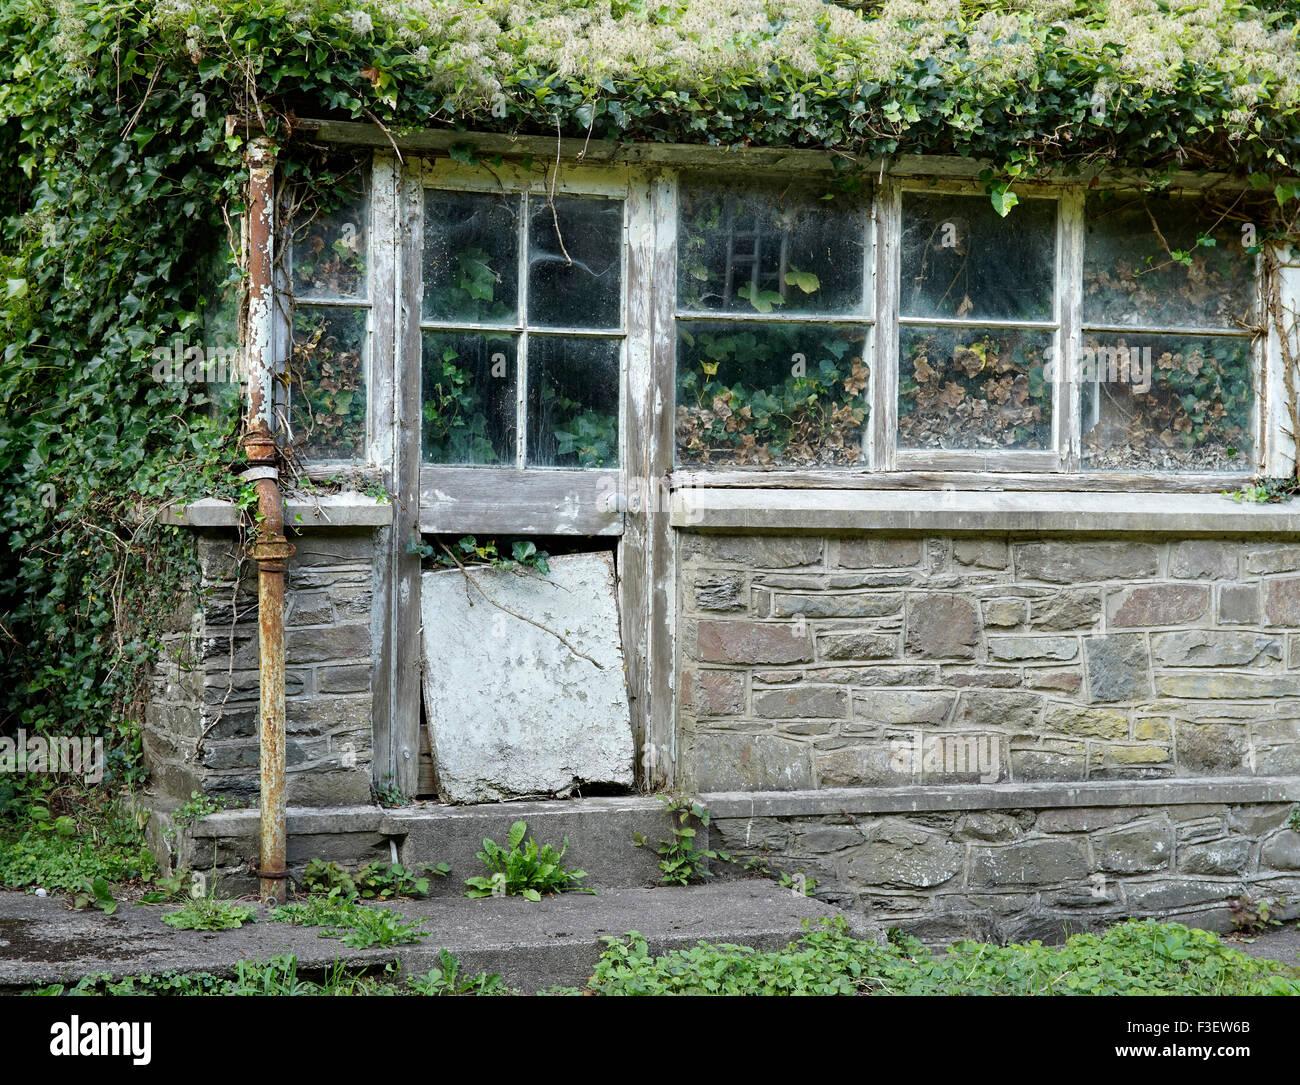 Ein Altes Gewachshaus Garten Zimmer Uberrannt Mit Russische Rebe